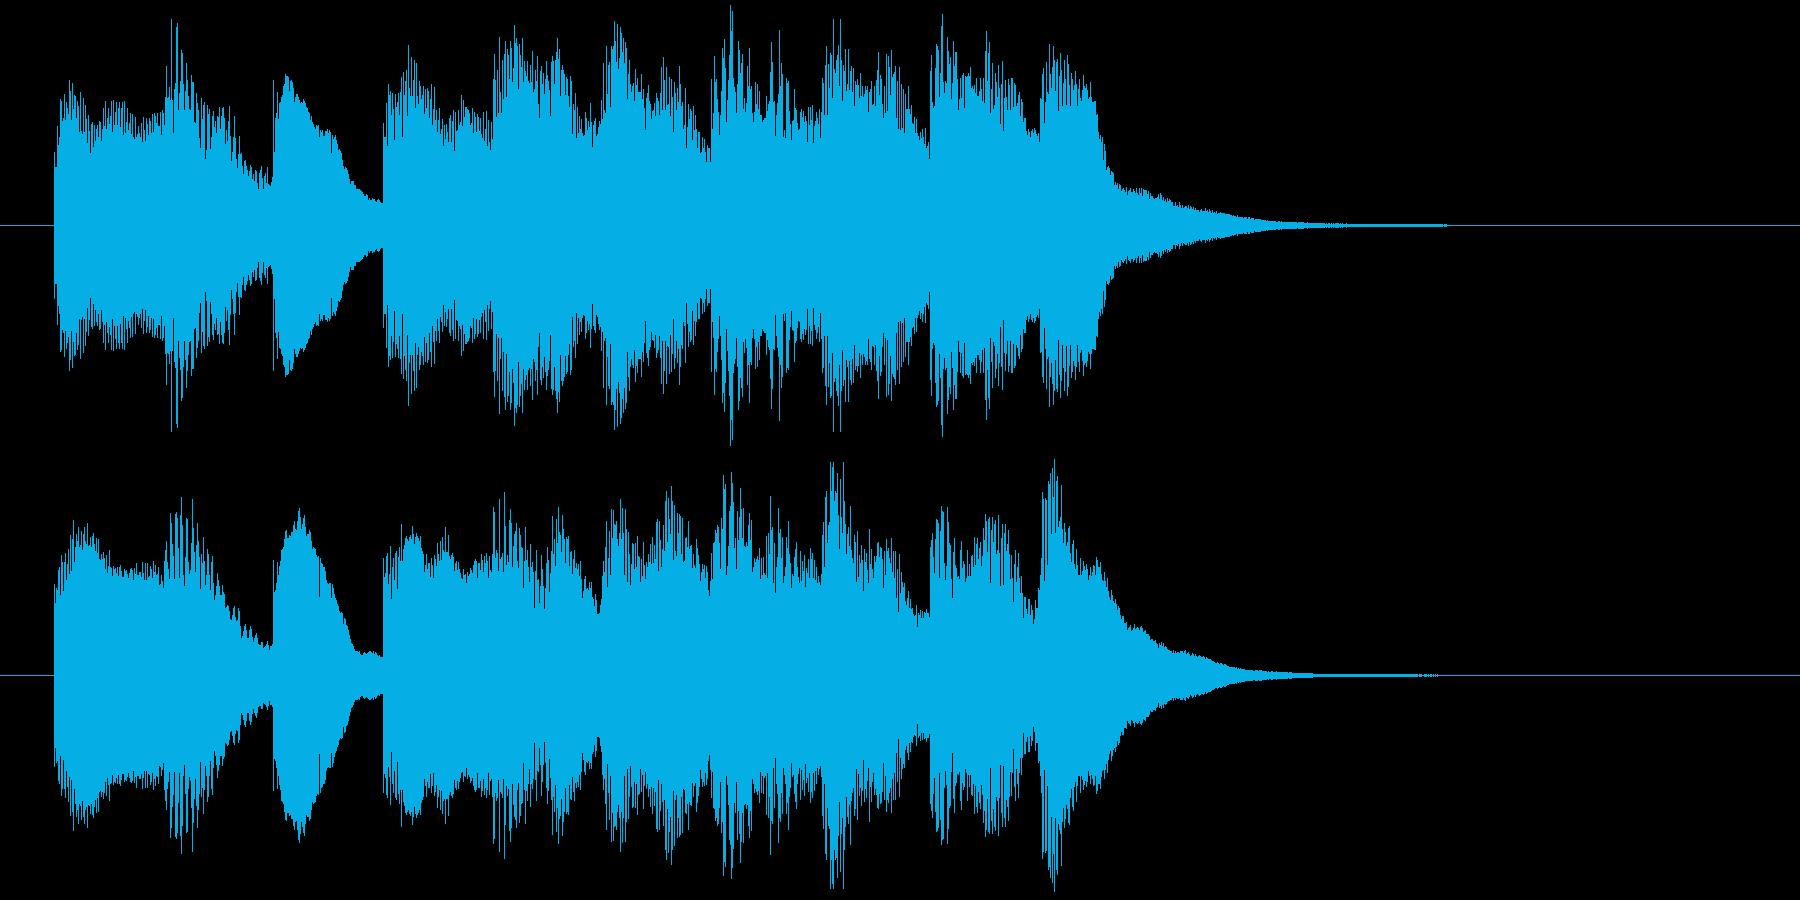 場面転換などに。可愛らしいジングルその3の再生済みの波形